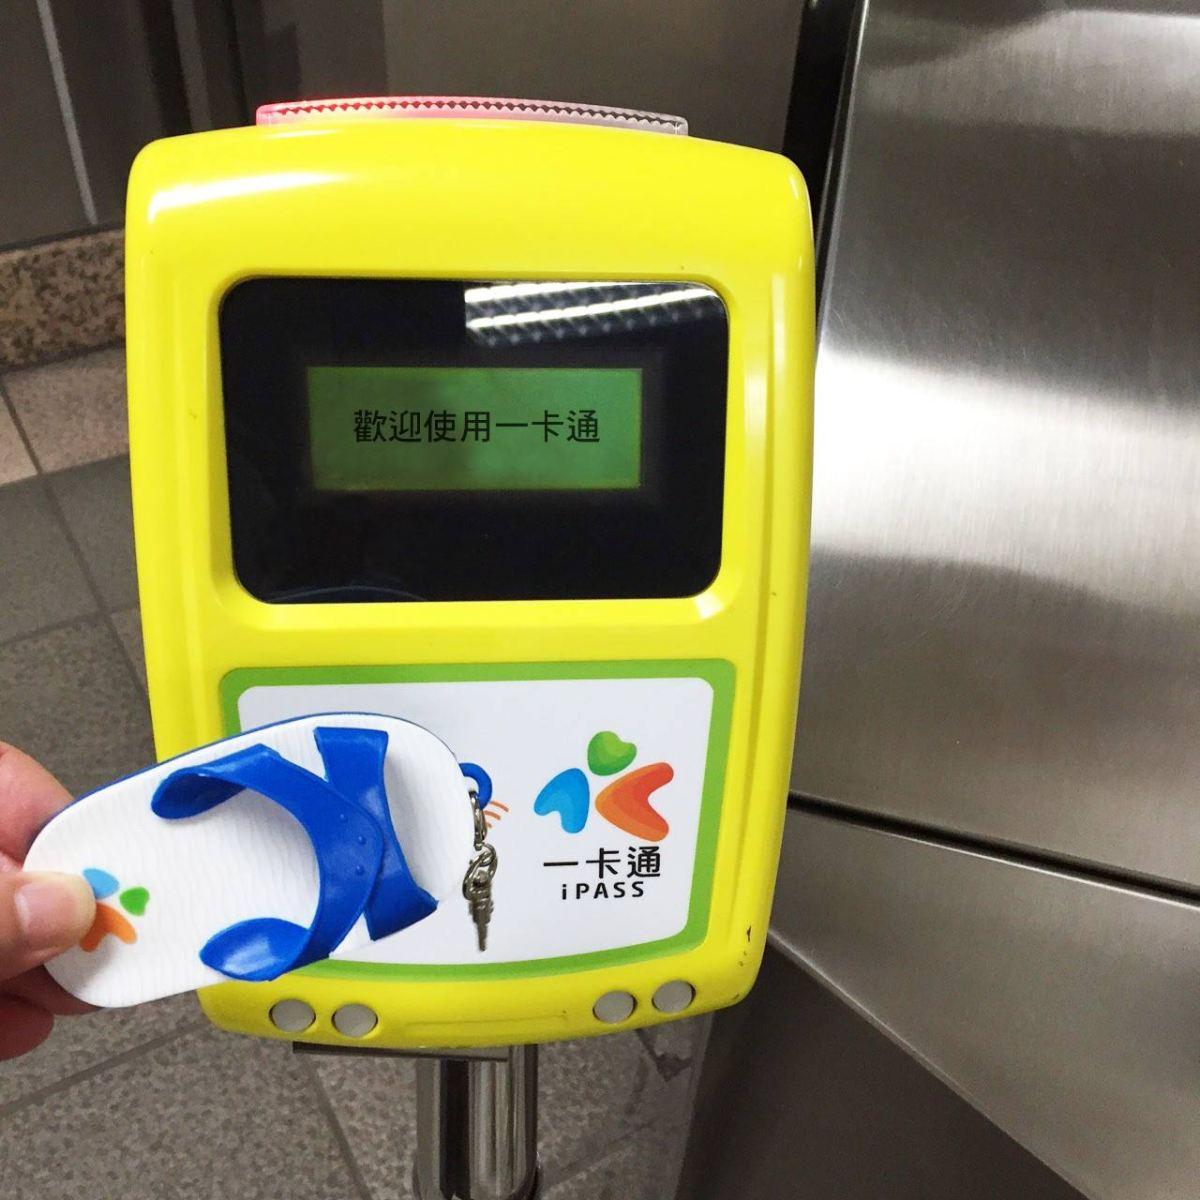 臺北捷運一卡通服務啟用公告